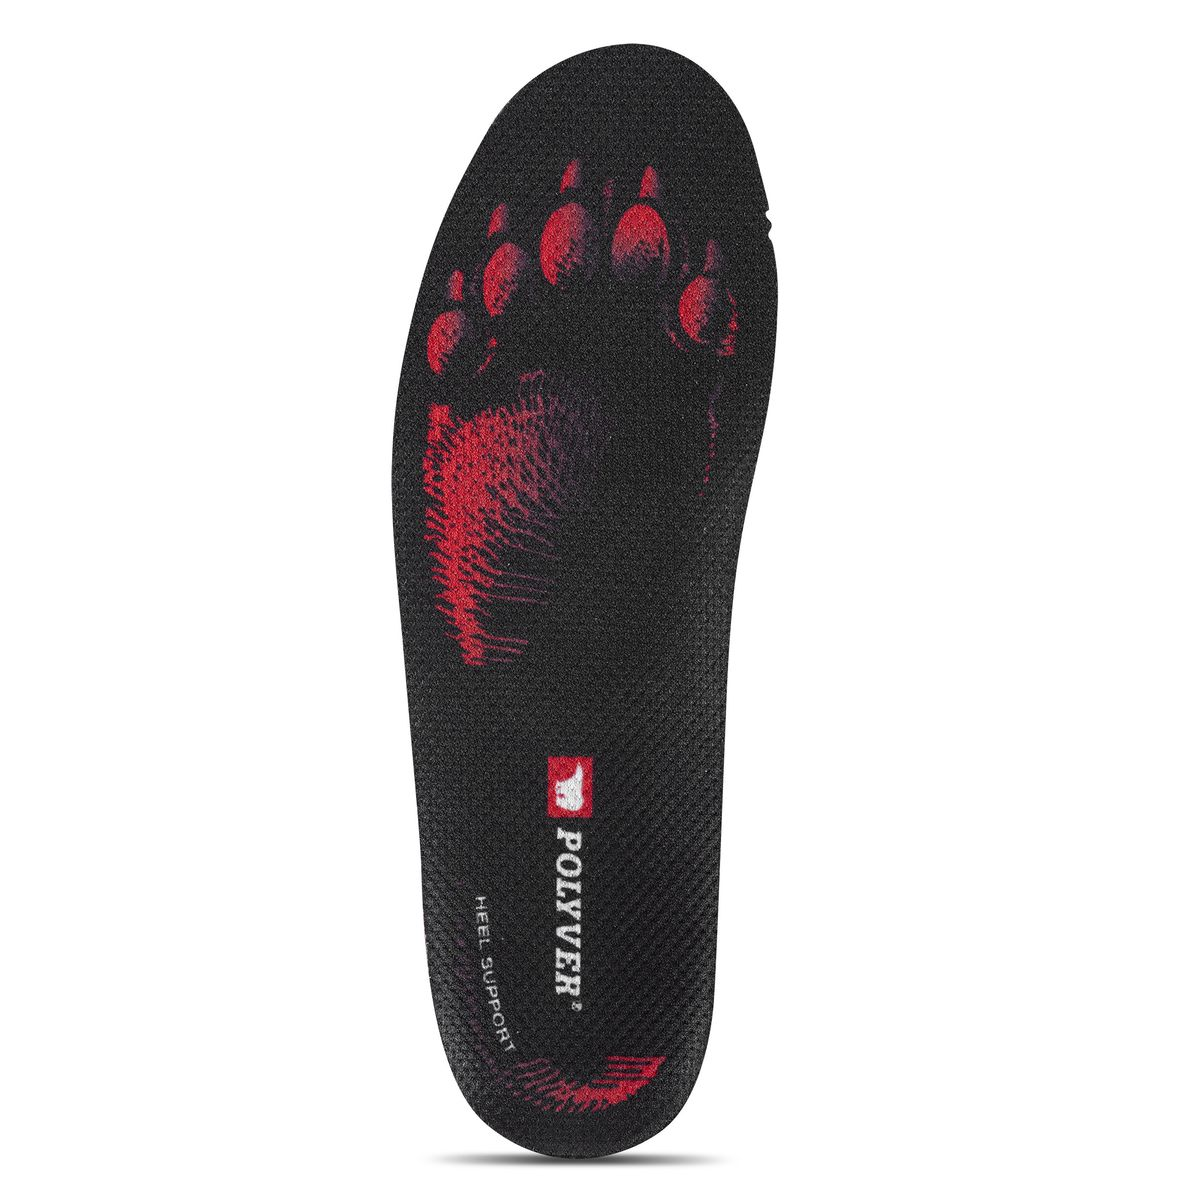 Стельки мужские POLYVER PREMIUM, цвет: красно-черный. Размер: 42-43SREGW.411.PSТермоизоляционные стельки Polyver отлично защищают ноги от холода при этом отводя лишнюю влагу. Стельки состоят из трех слоев: впитывающий влагу, амортизационный, термоизоляционный. Комфорт:- анатомическая форма с поддержкой пятки- стабилизация стопы для уменьшения боли с суставах- повышает устойчивость и уменьшает усталость - производятся только в Швеции